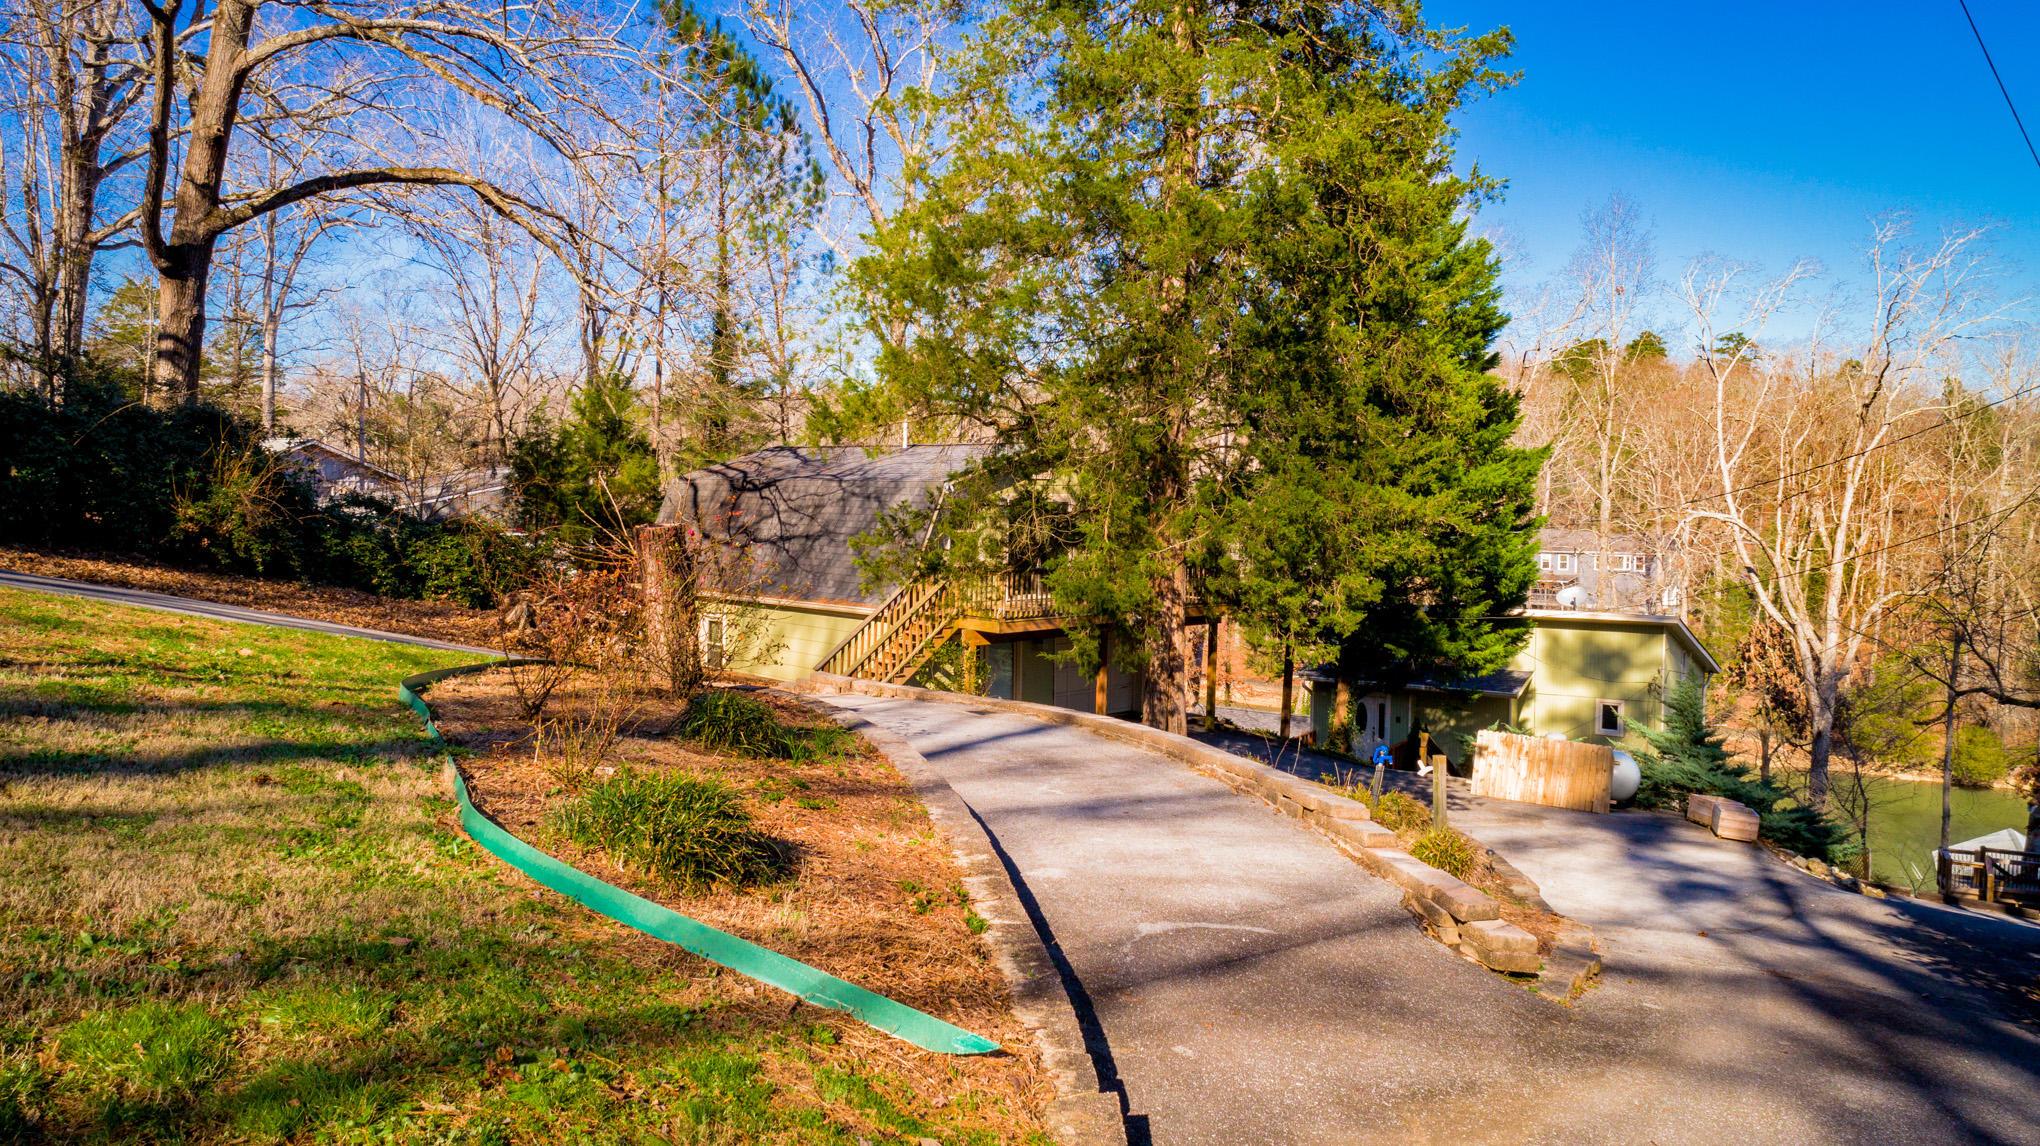 7425 Savannah Dr, Ooltewah, TN 37363